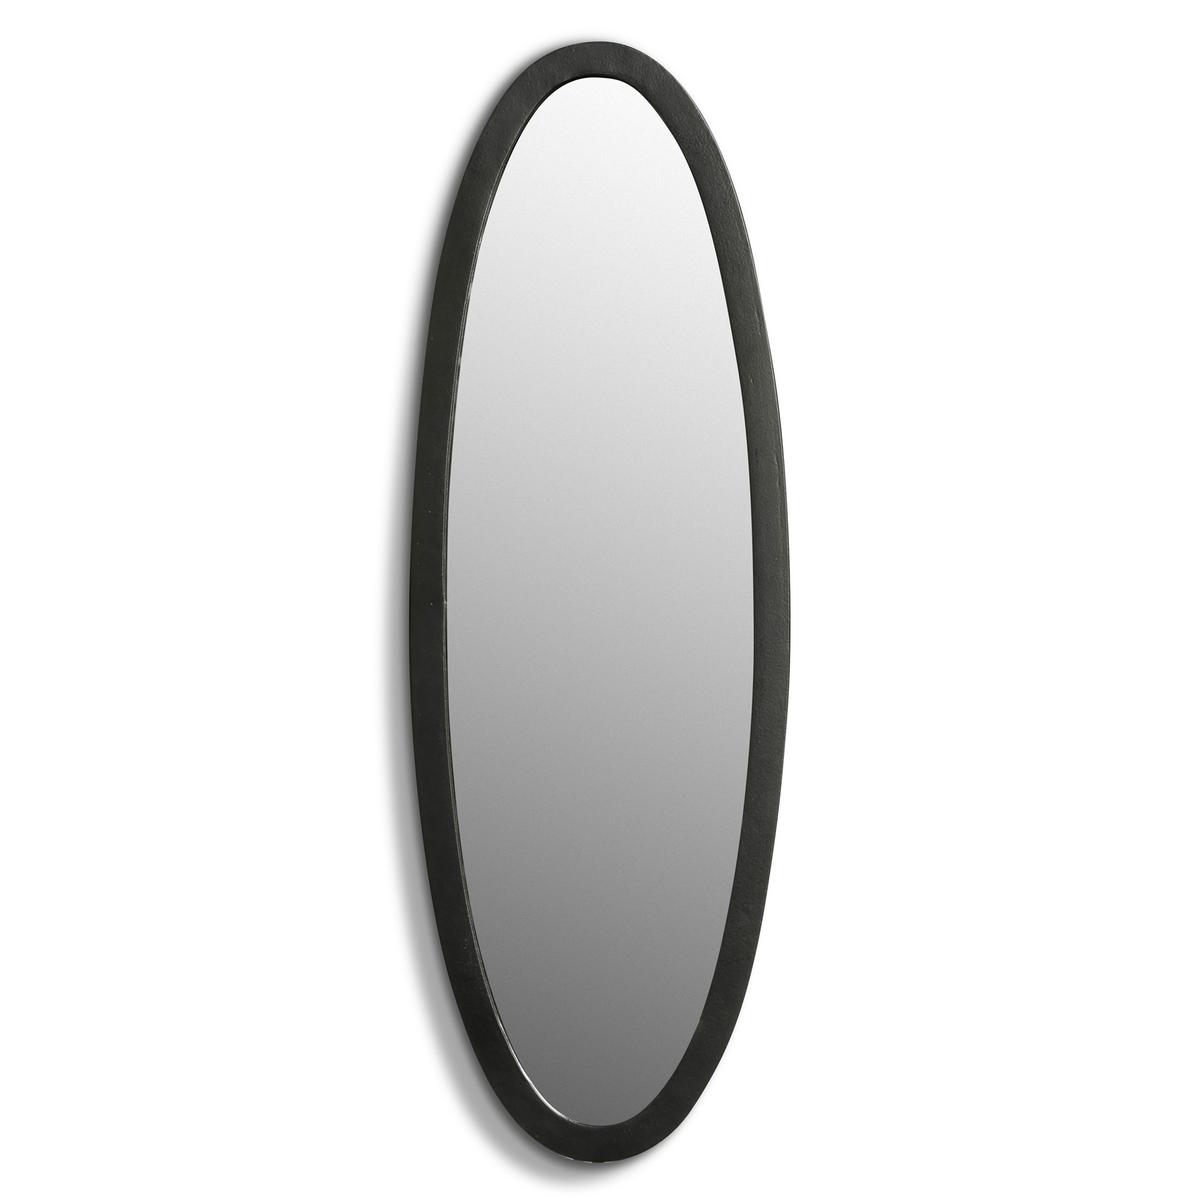 Зеркало настенное Д20 x В59 см, Maddy<br><br>Цвет: черный